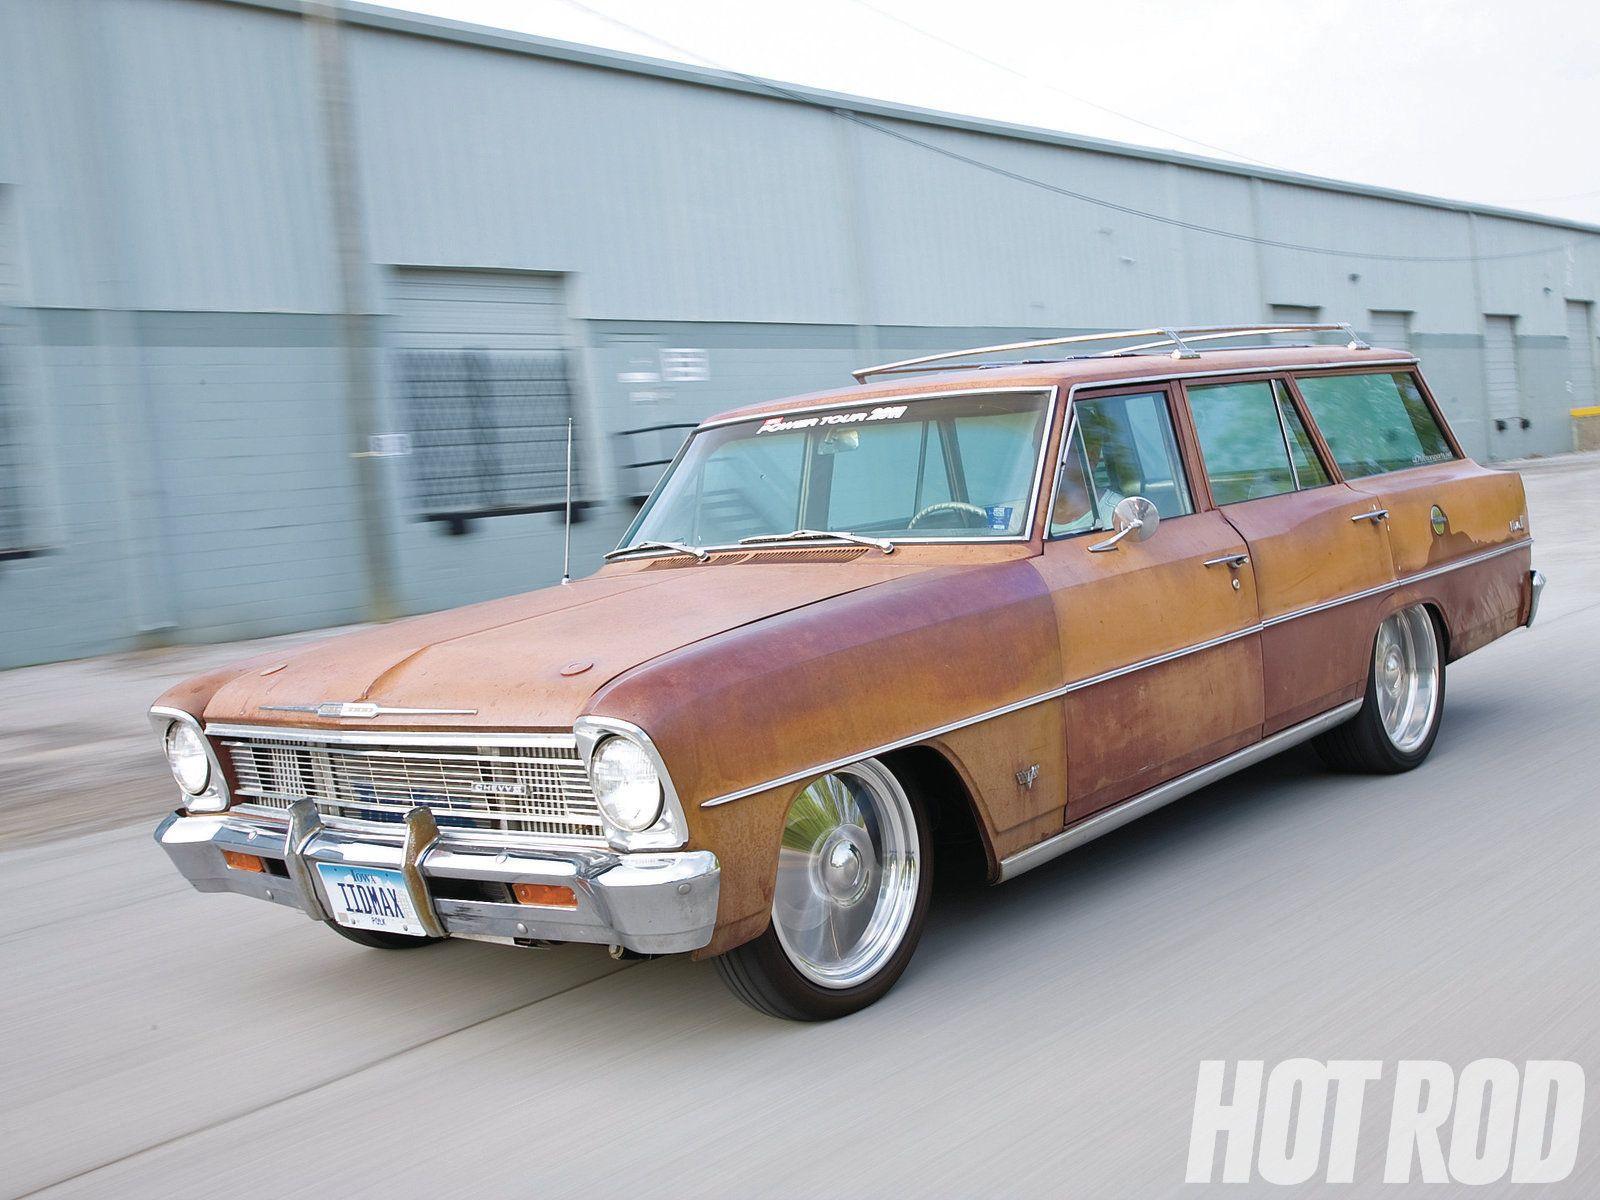 1966 Chevrolet Nova Station Wagon Hot Rod Magazine Station Wagon Chevrolet Nova Chevy Nova Wagon